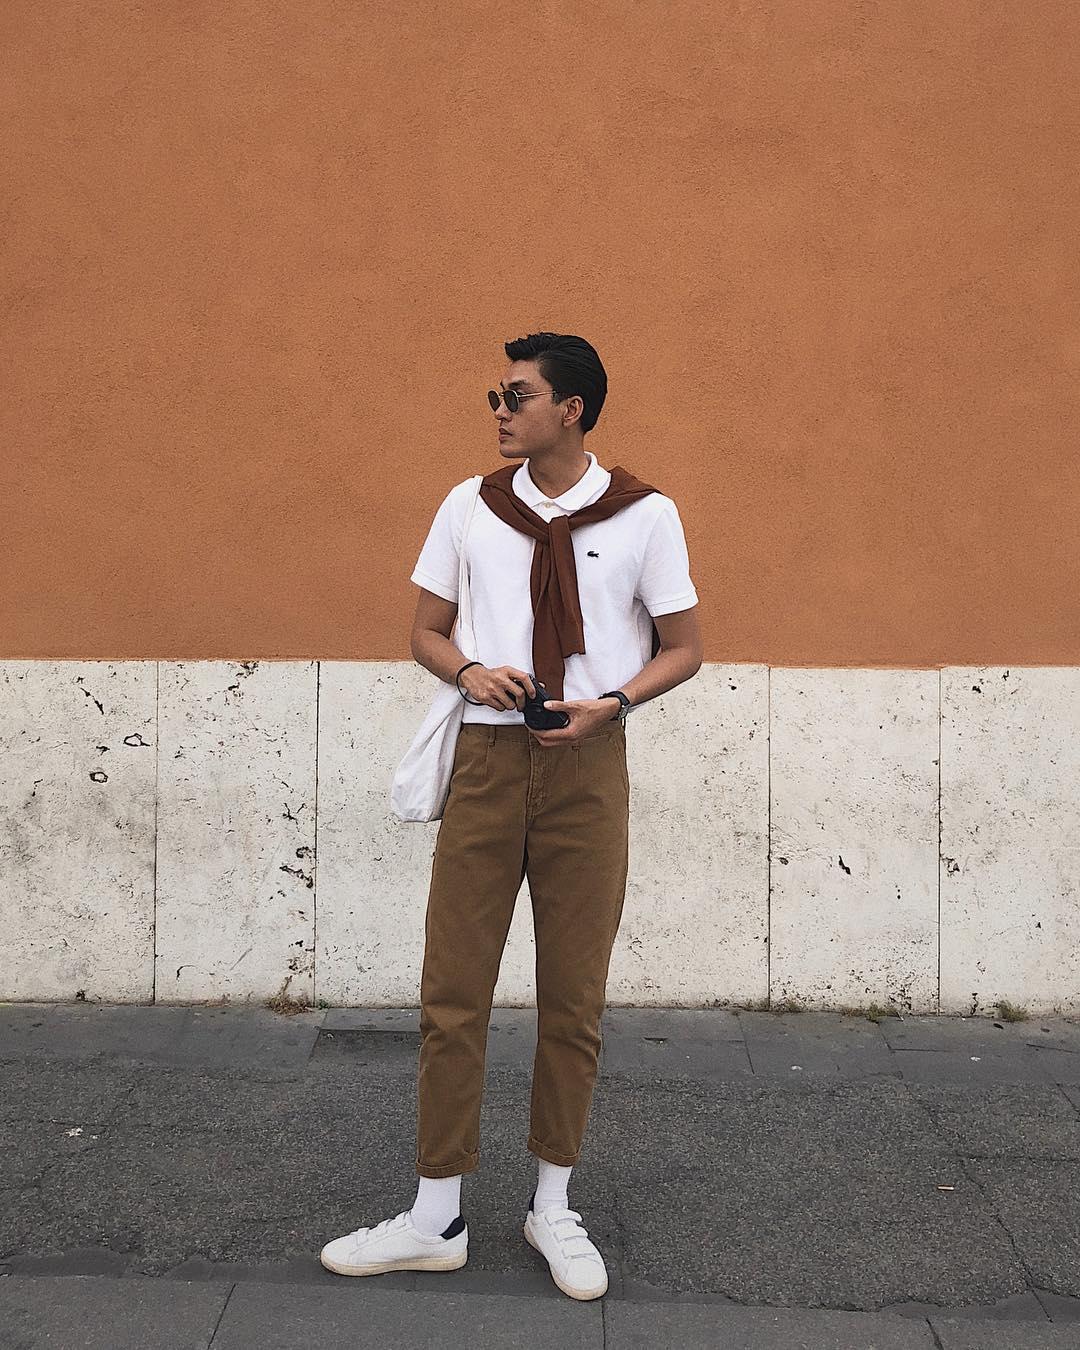 Người mẫu Quang Đại thường xuyên chọn phong cách này trong những chuyến du lịch. Ảnh: Instagram @Tranquangdai